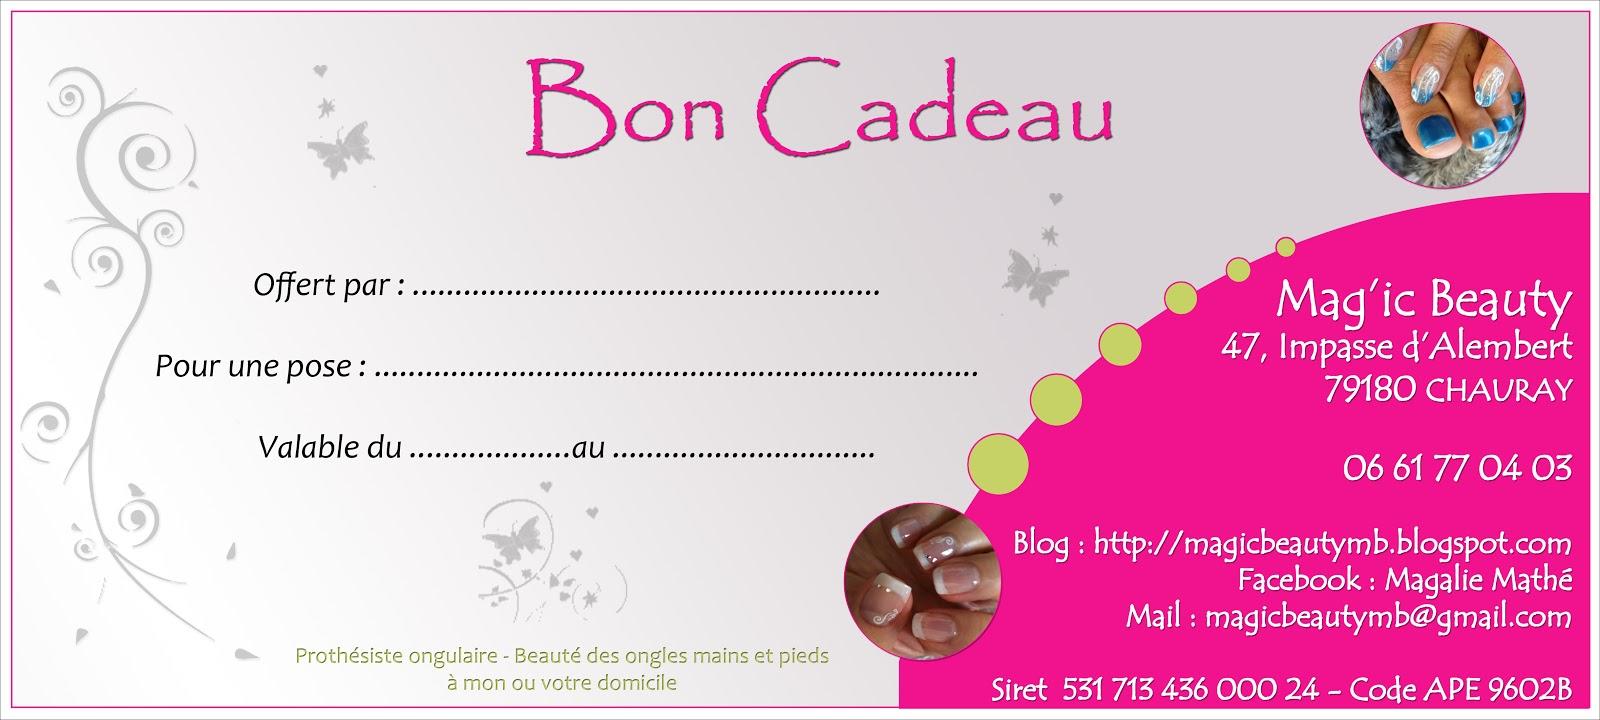 Assez Mag'ic Beauty Prothésiste ongulaire: BON CADEAU OQ13